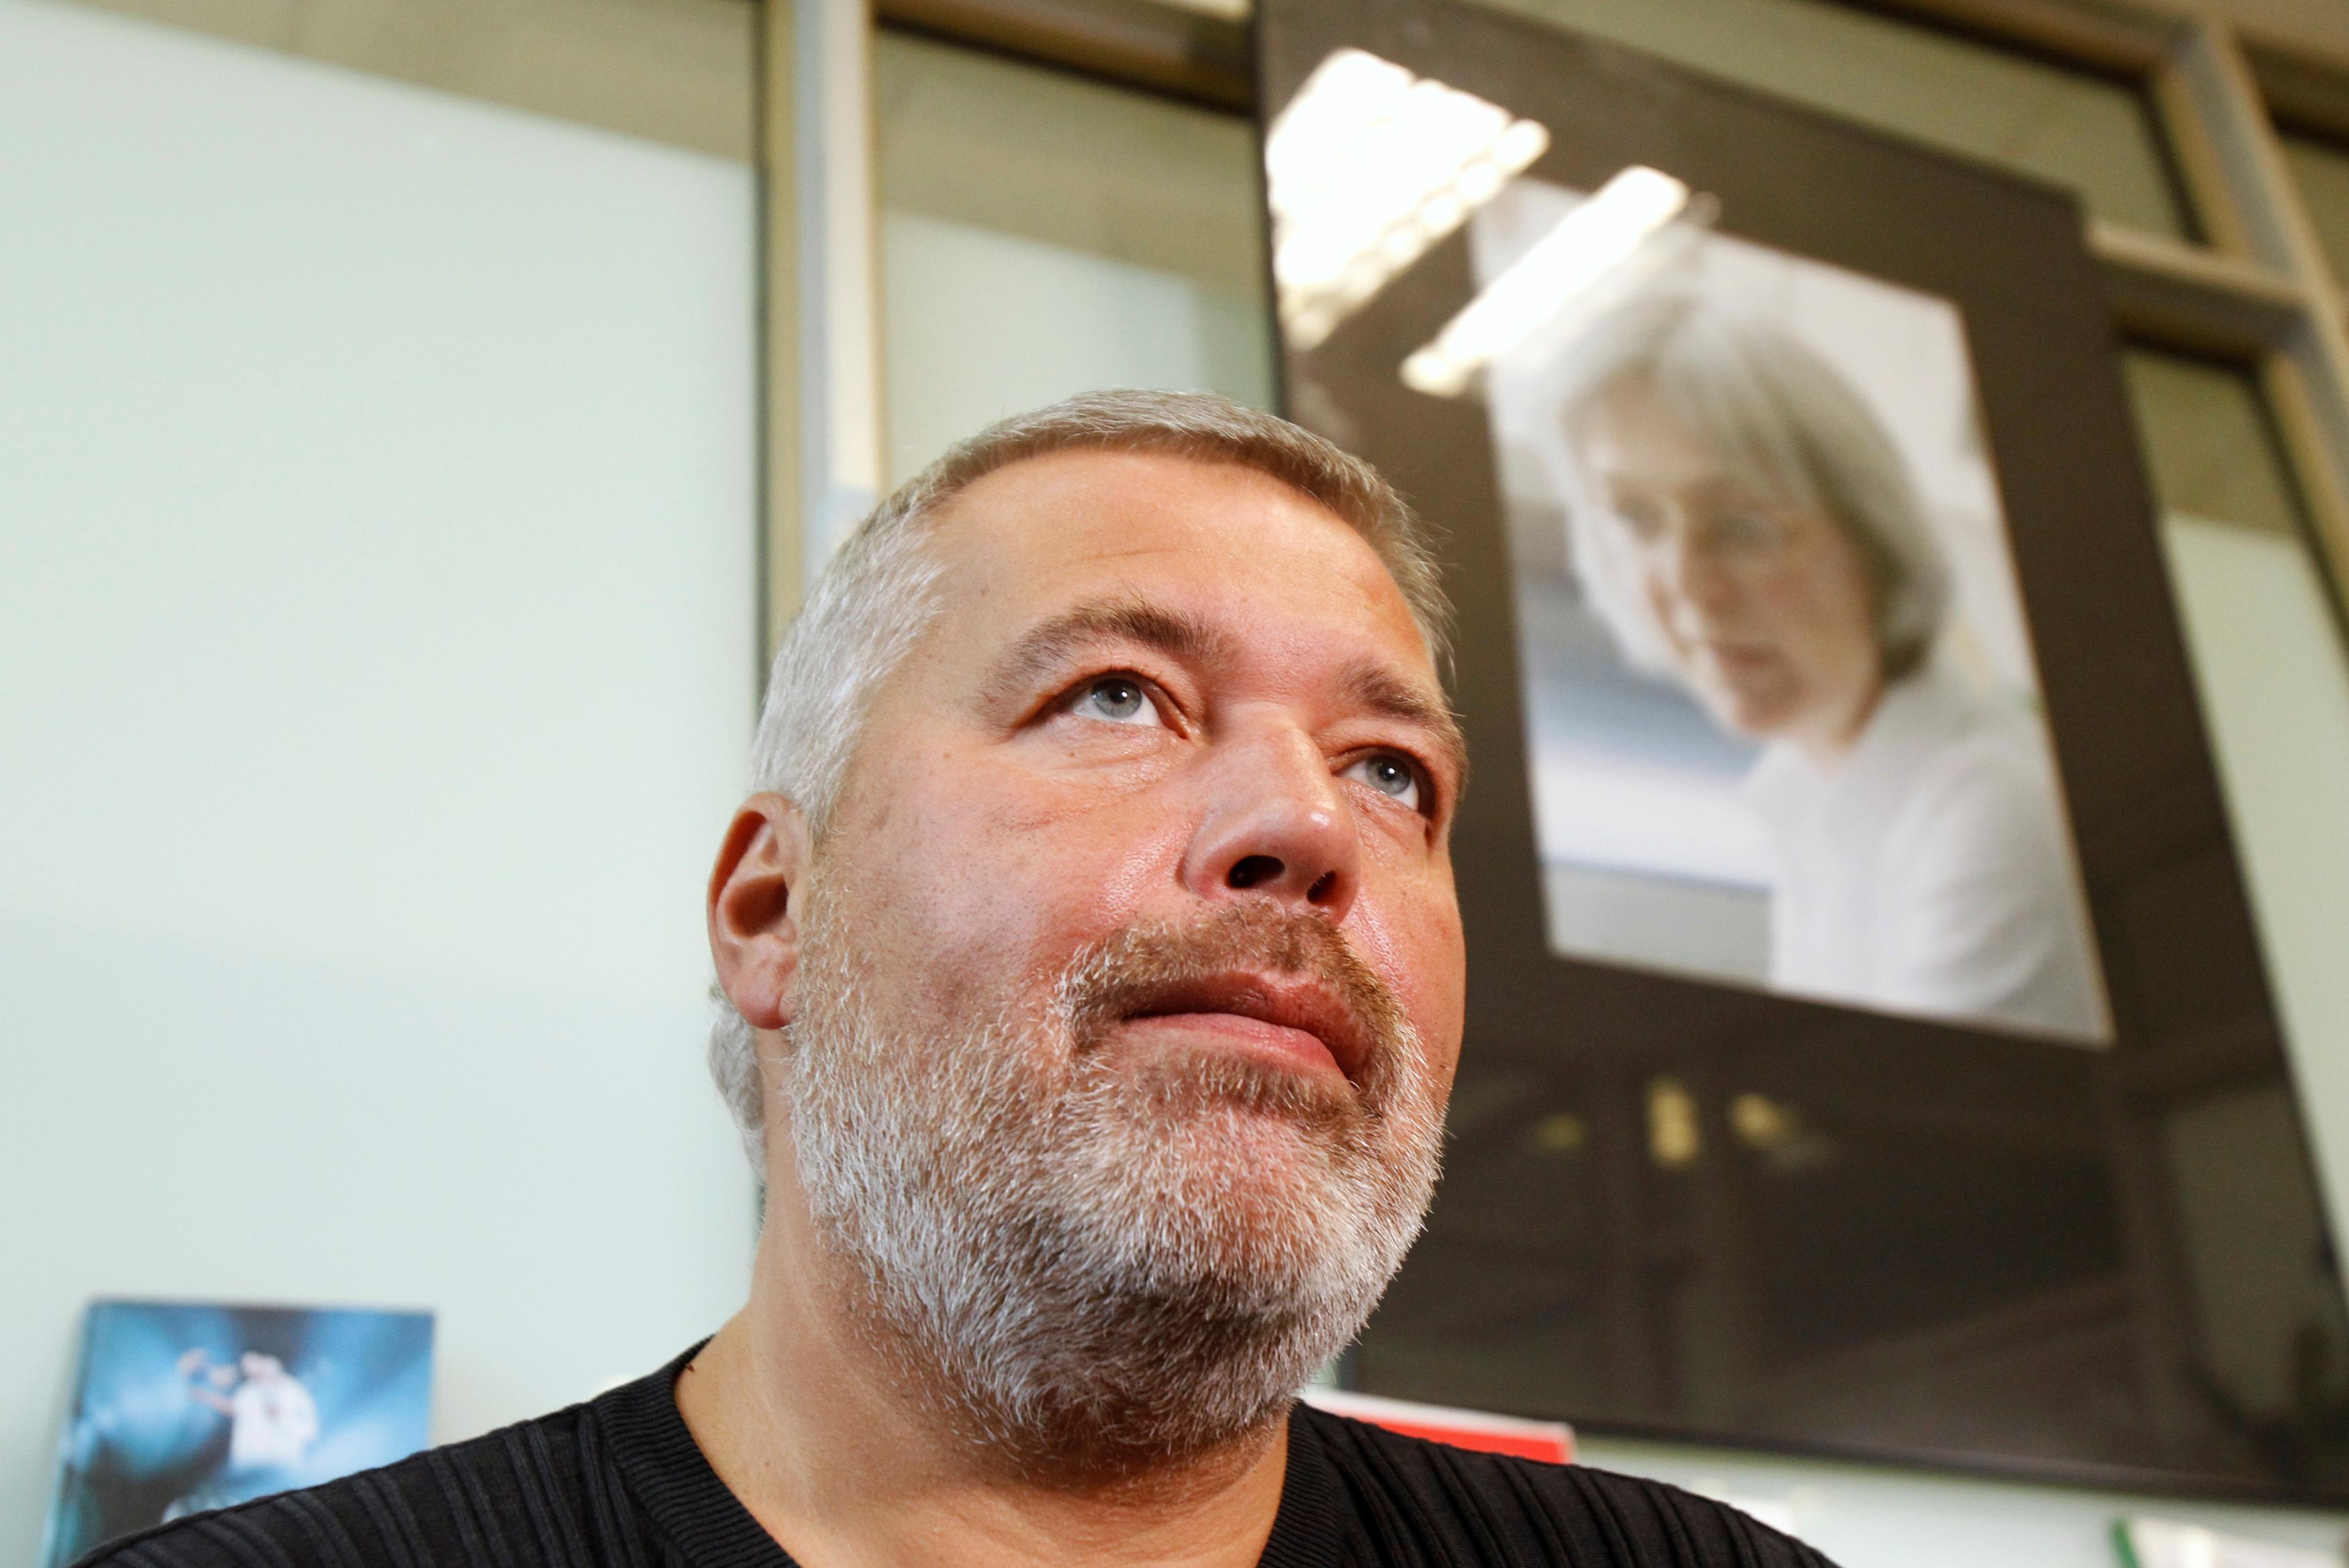 Novaya Gazeta's editor-in-chief Dmitry Muratov speaks during an interview in Moscow October 4, 2011. REUTERS/Sergei Karpukhin